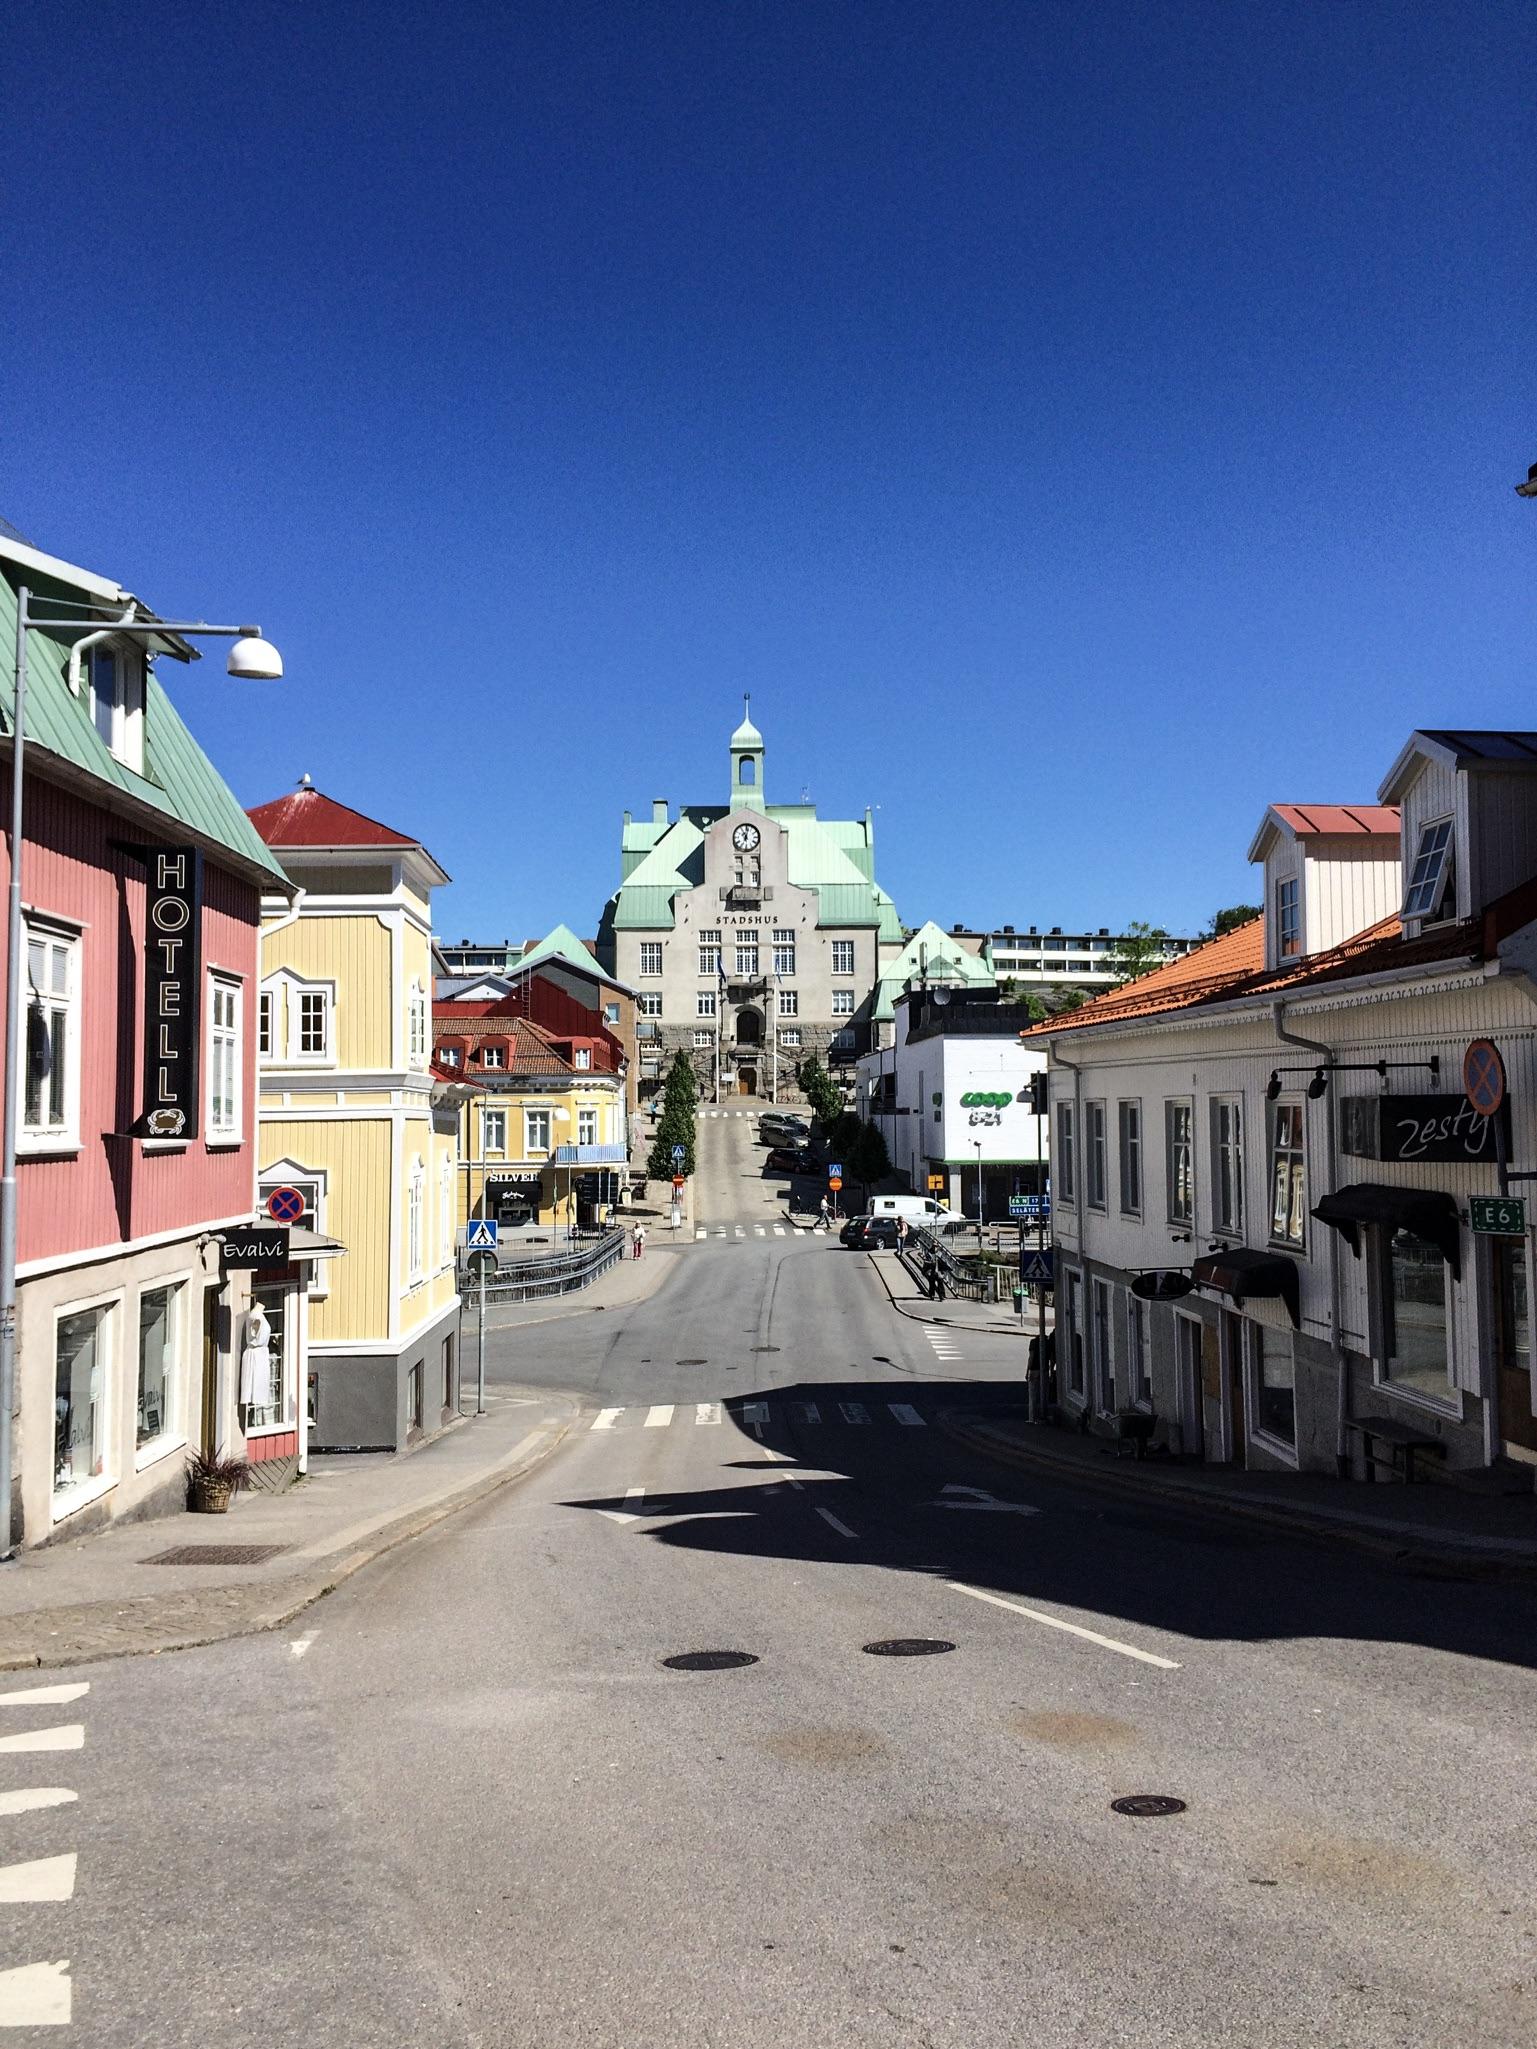 Strömstad Rathaus